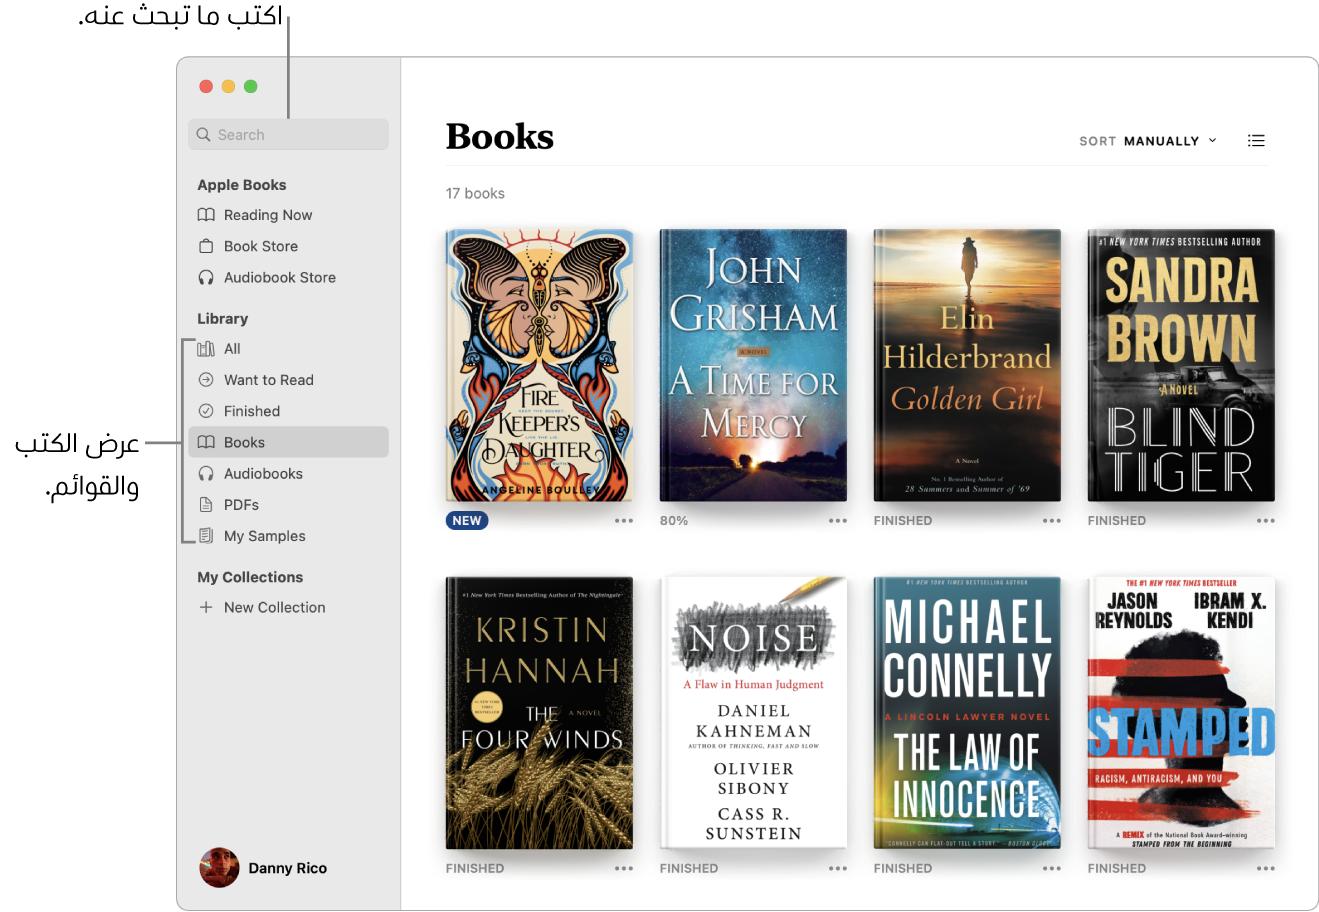 نافذة تطبيق الكتب تُظهر كيفية عرض الكتب وتصفح المحتوى المنتقى والبحث.